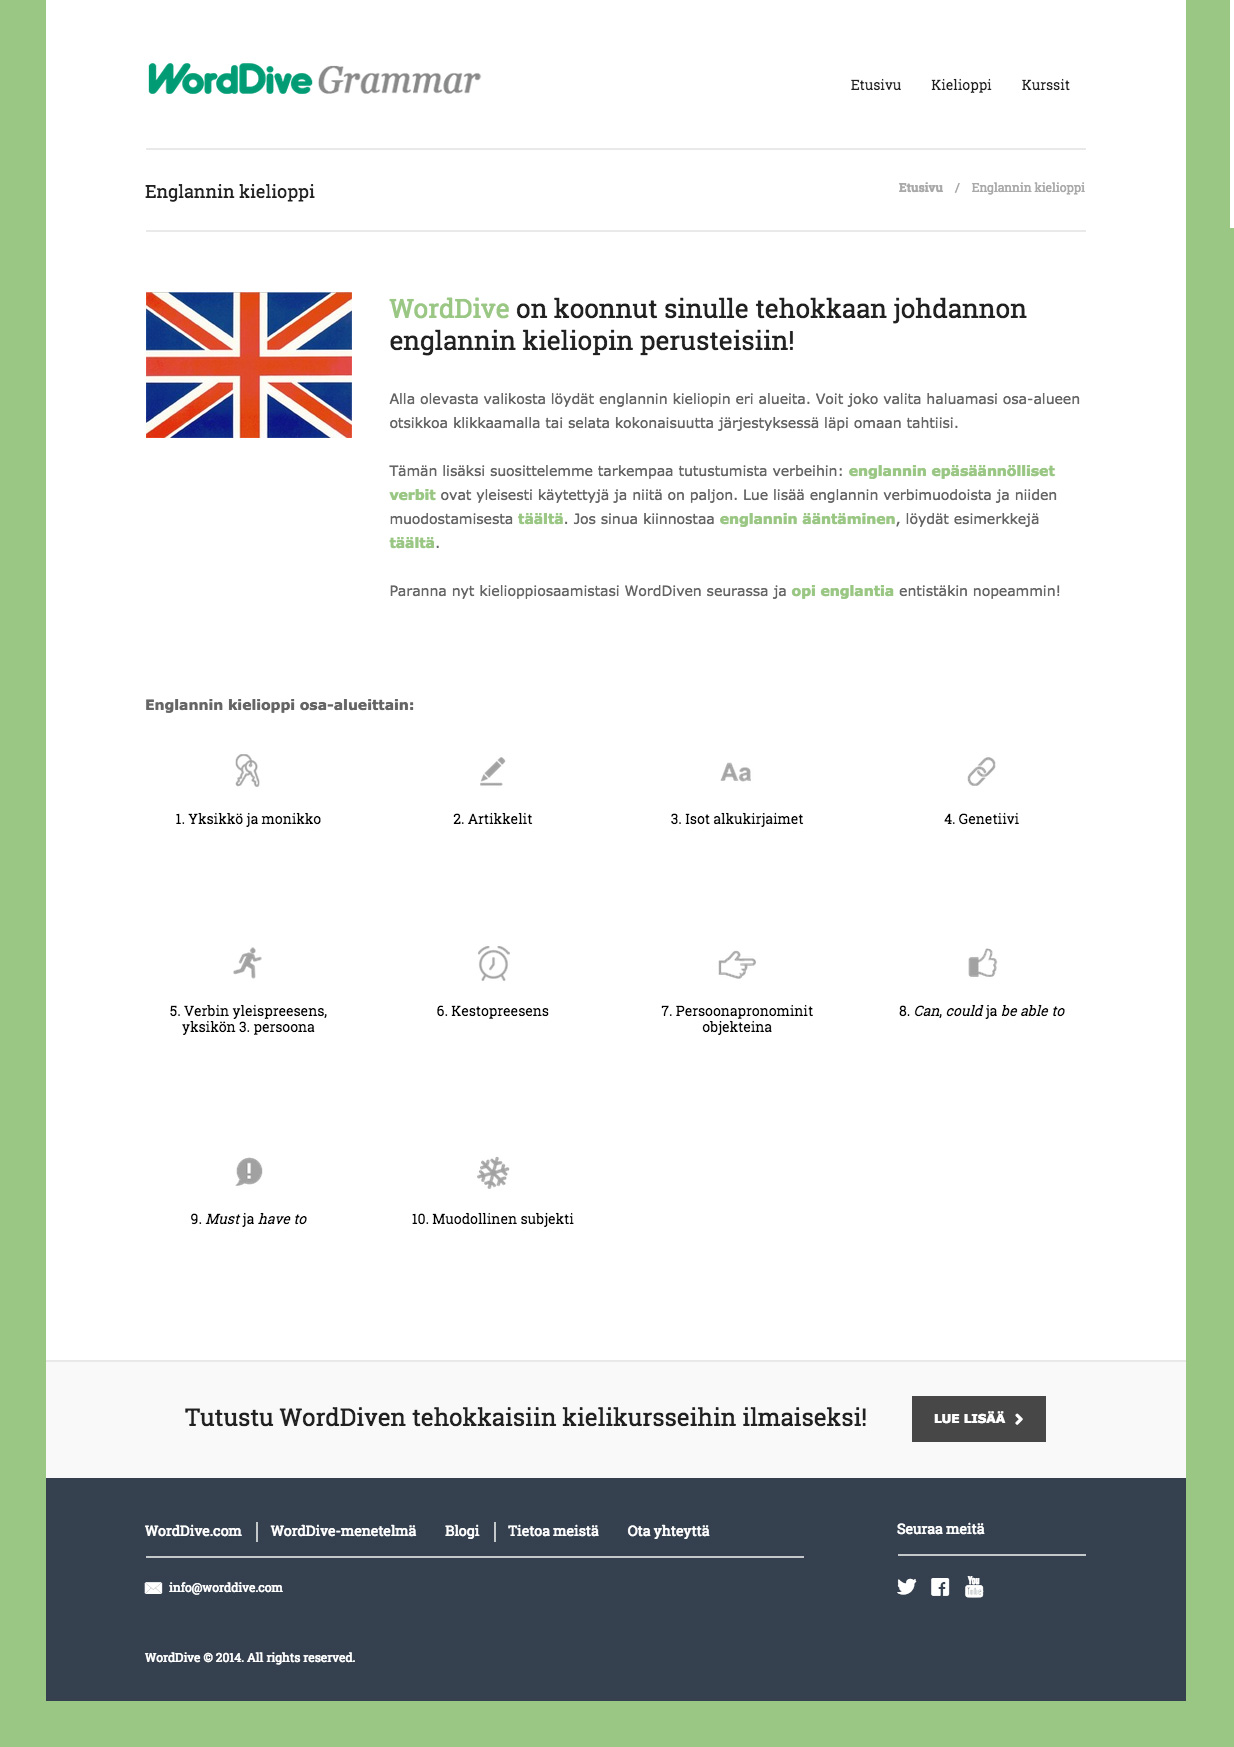 Worddive Grammar - Desarrollo Web